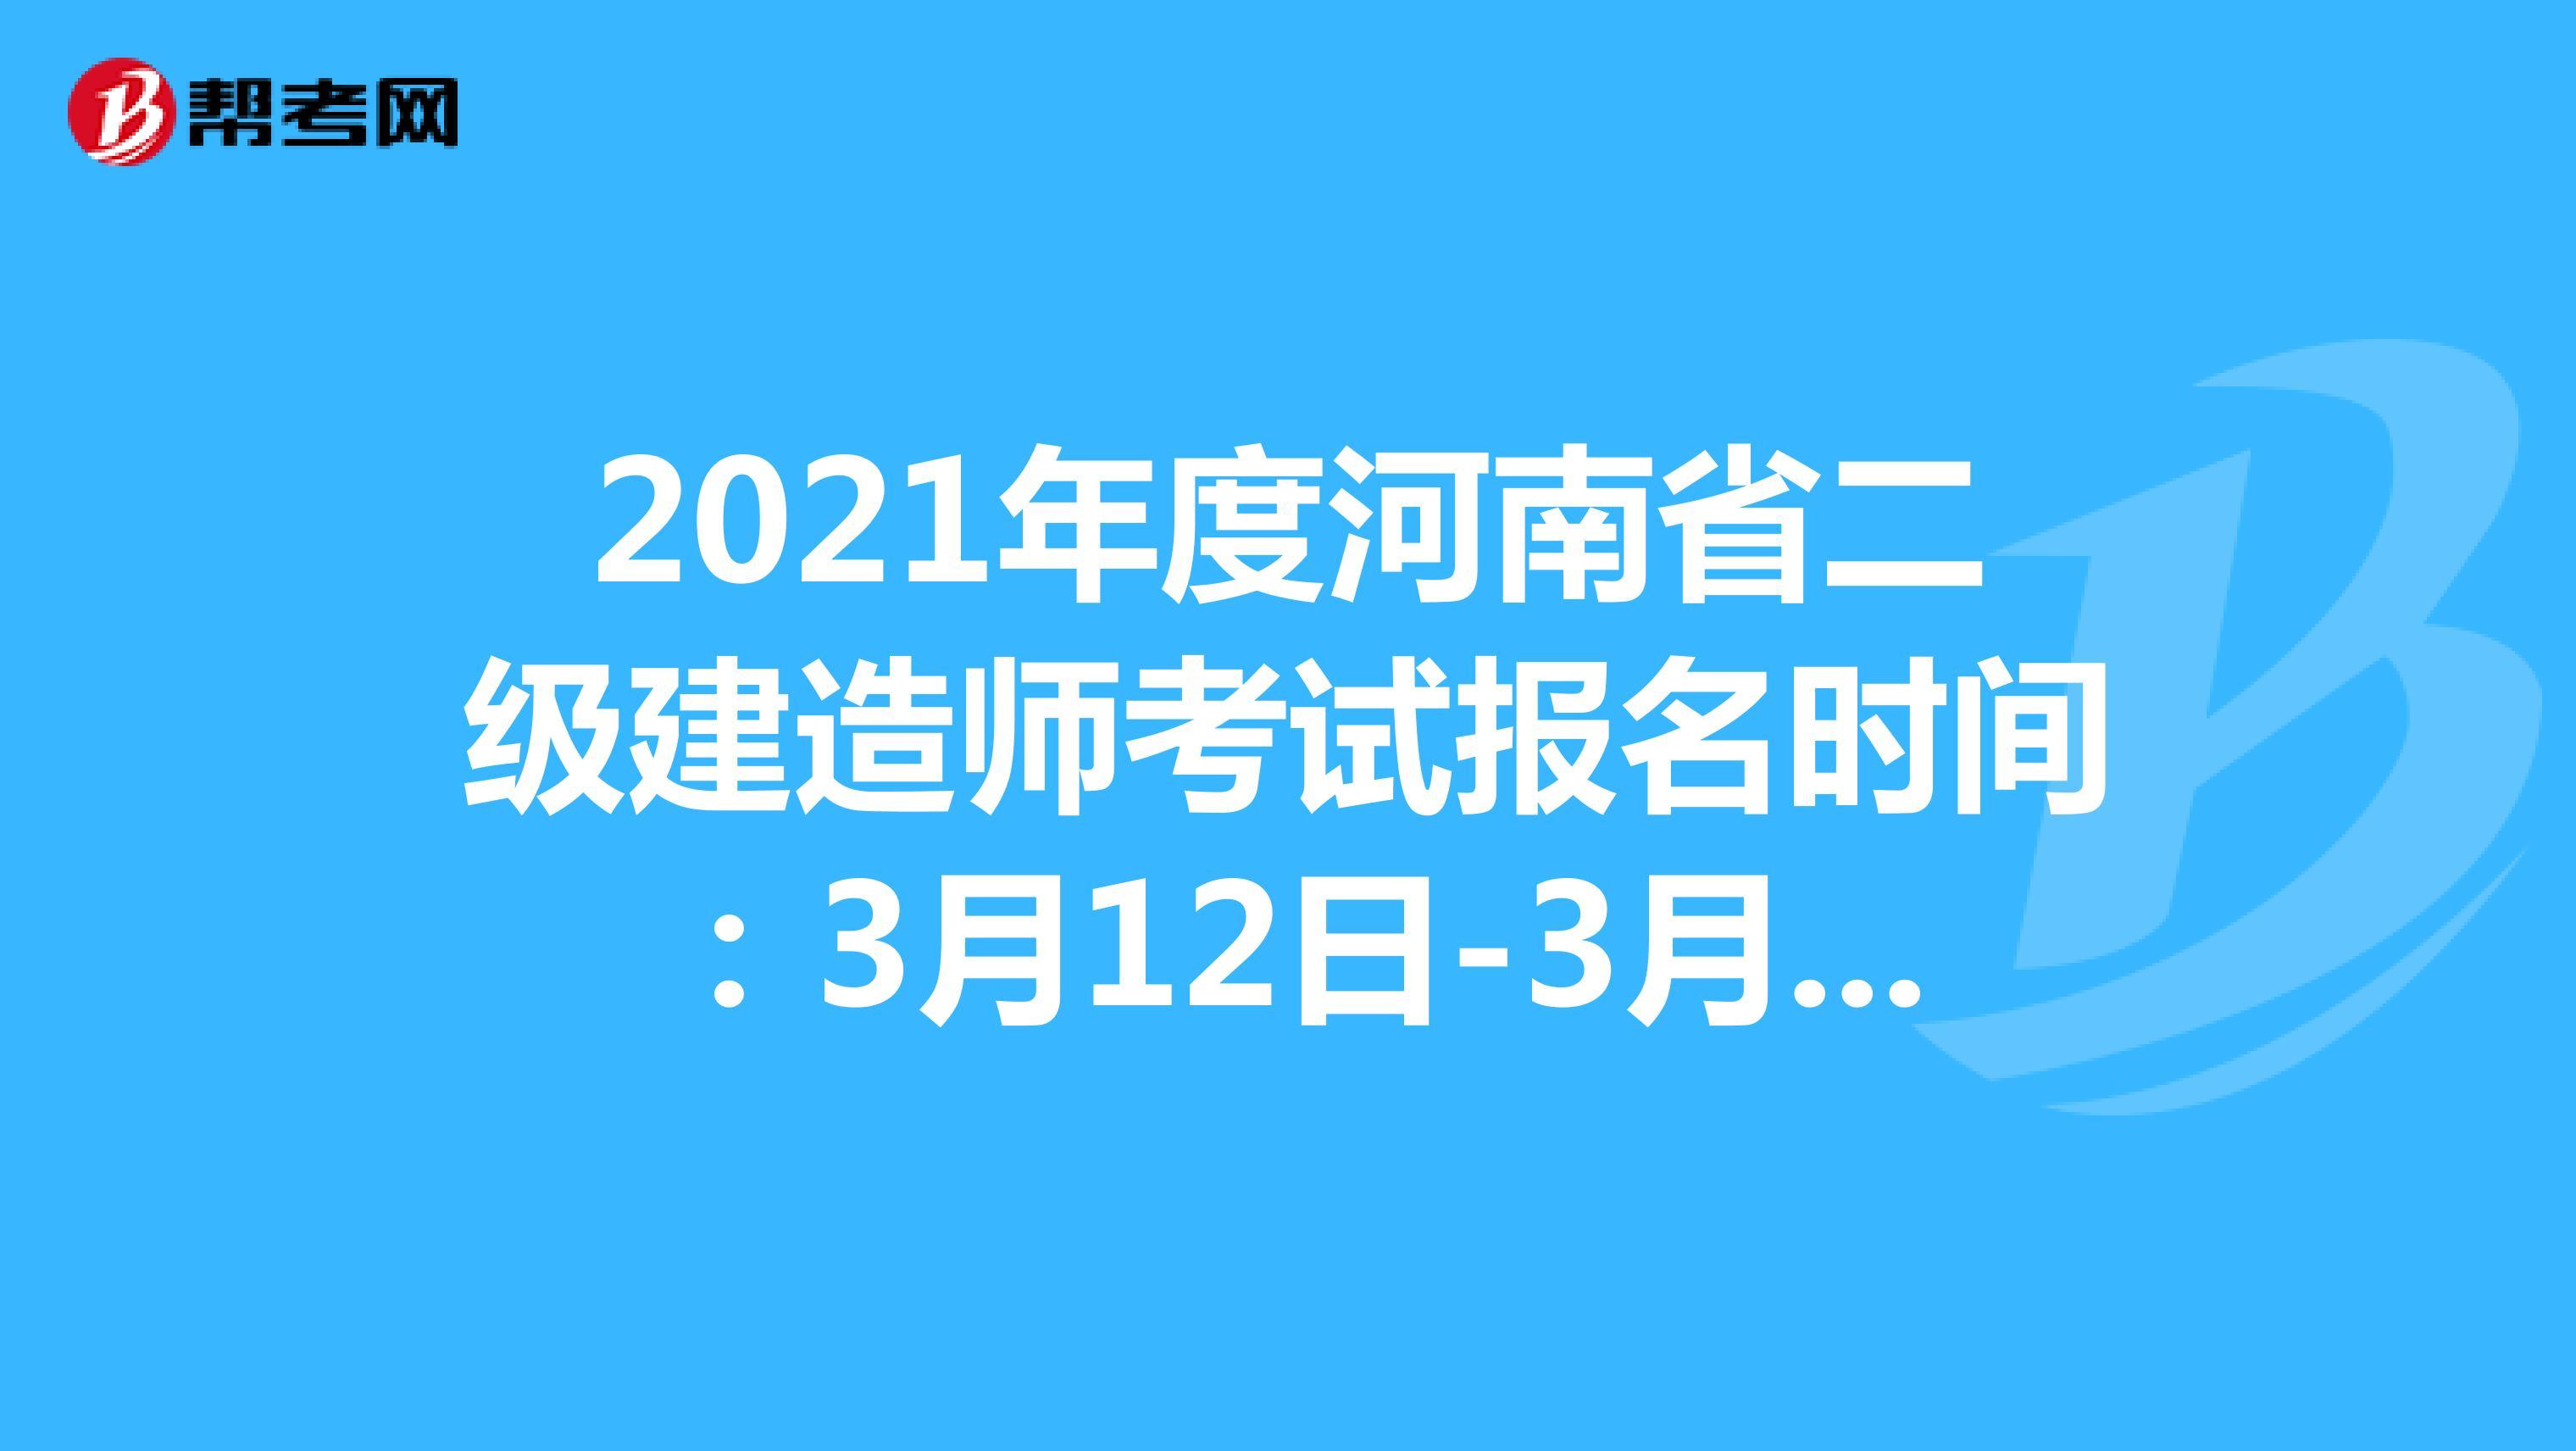 2021年度河南省二級建造師考試報名時間:3月12日-3月21日